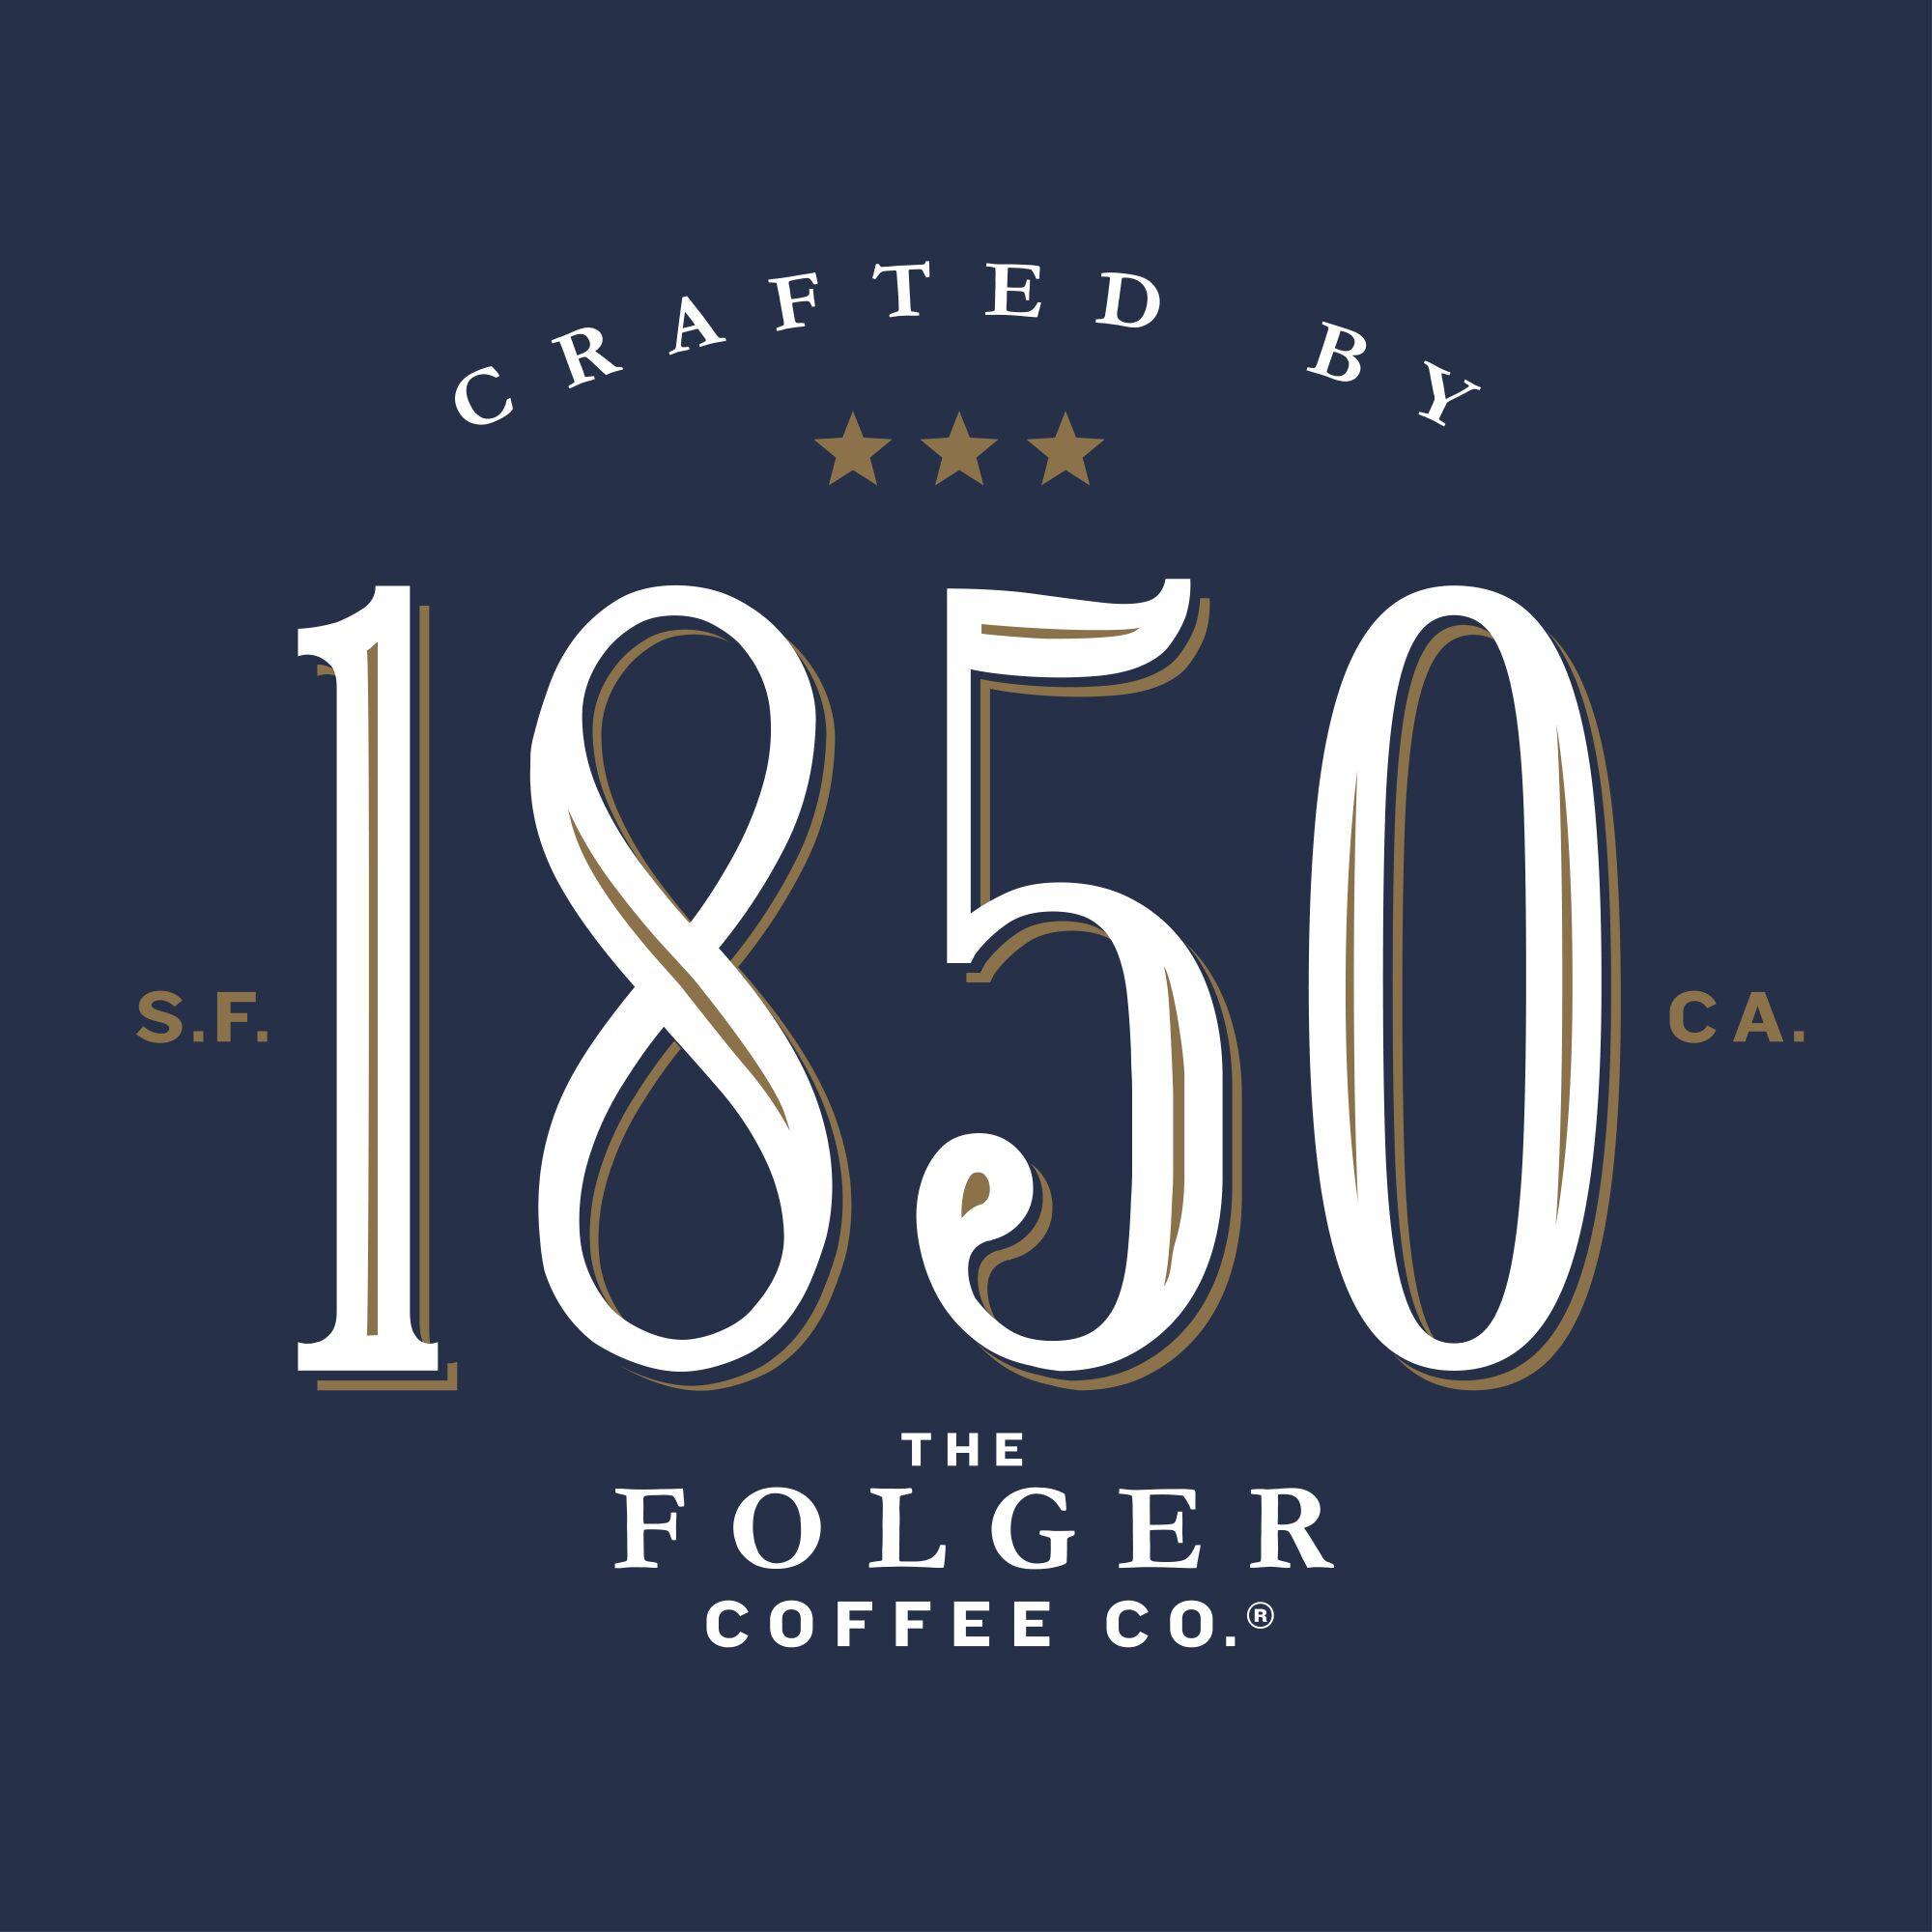 1850 (coffee)